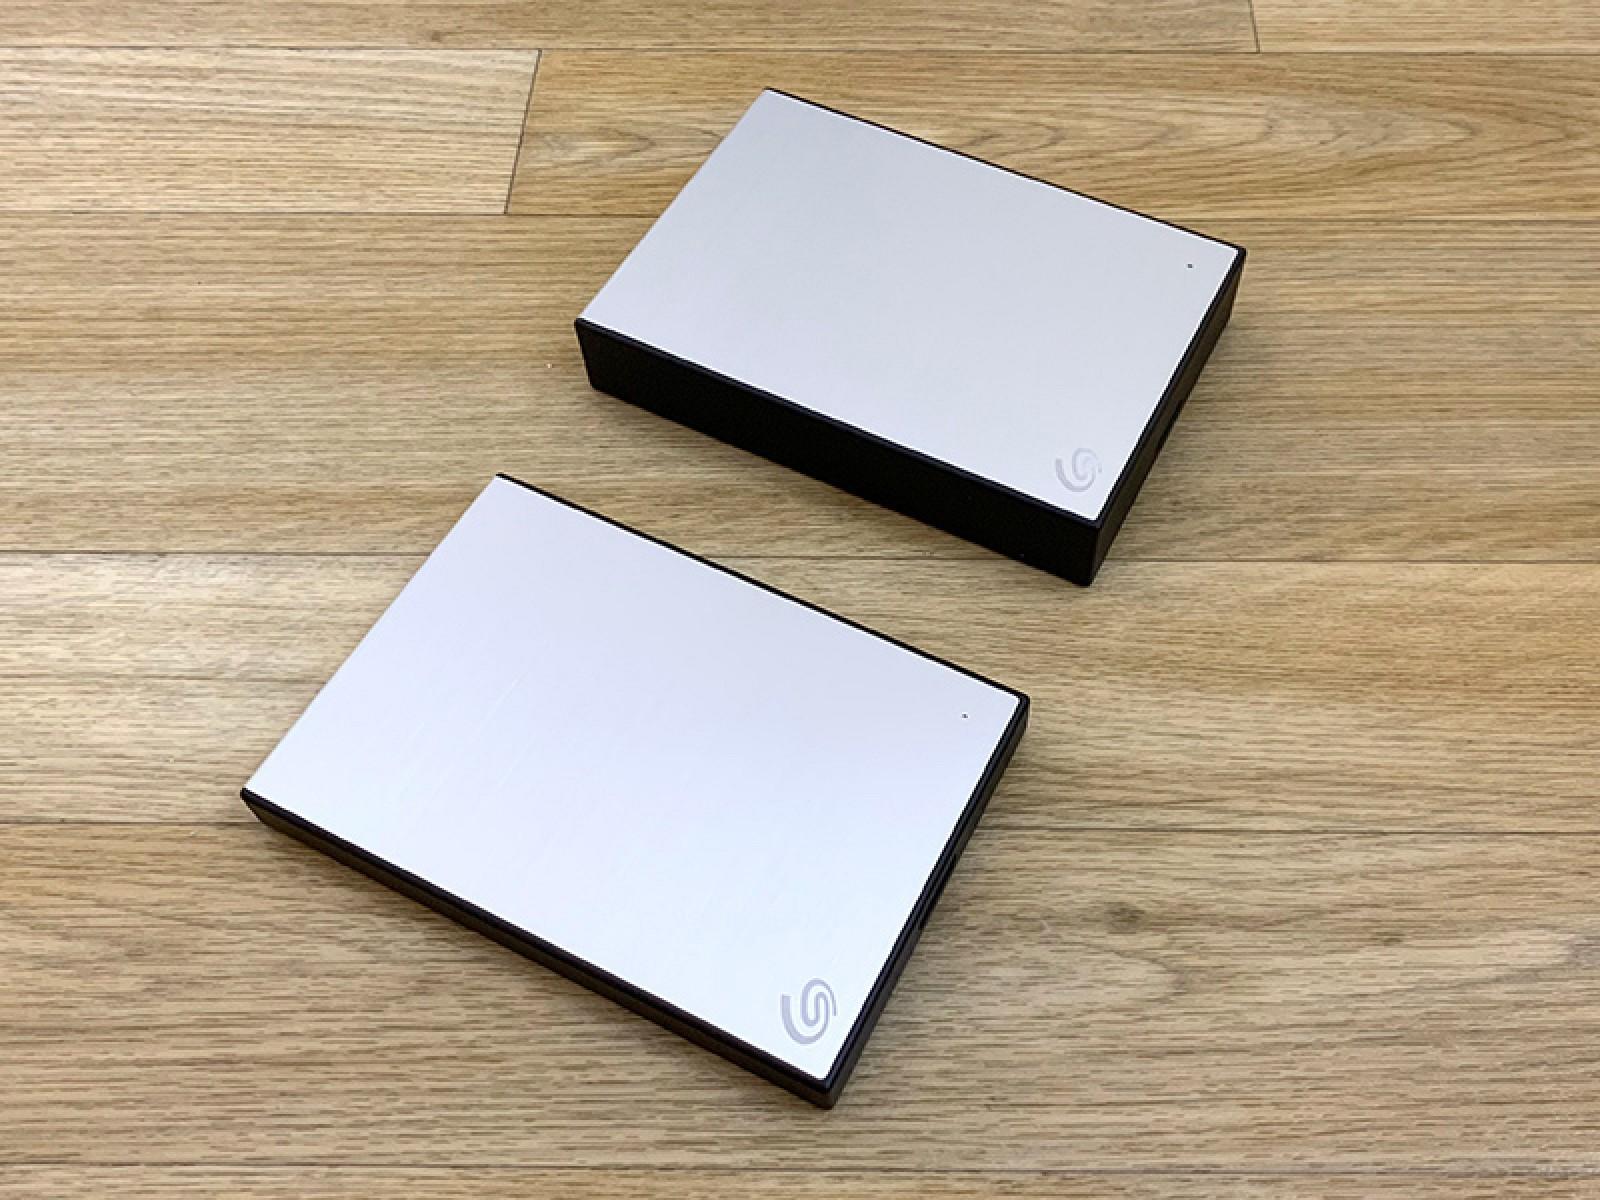 Revisión: El nuevo Backup Plus Slim y el Backup Plus de Seagate ofrecen una gran cantidad de almacenamiento a precios bajos